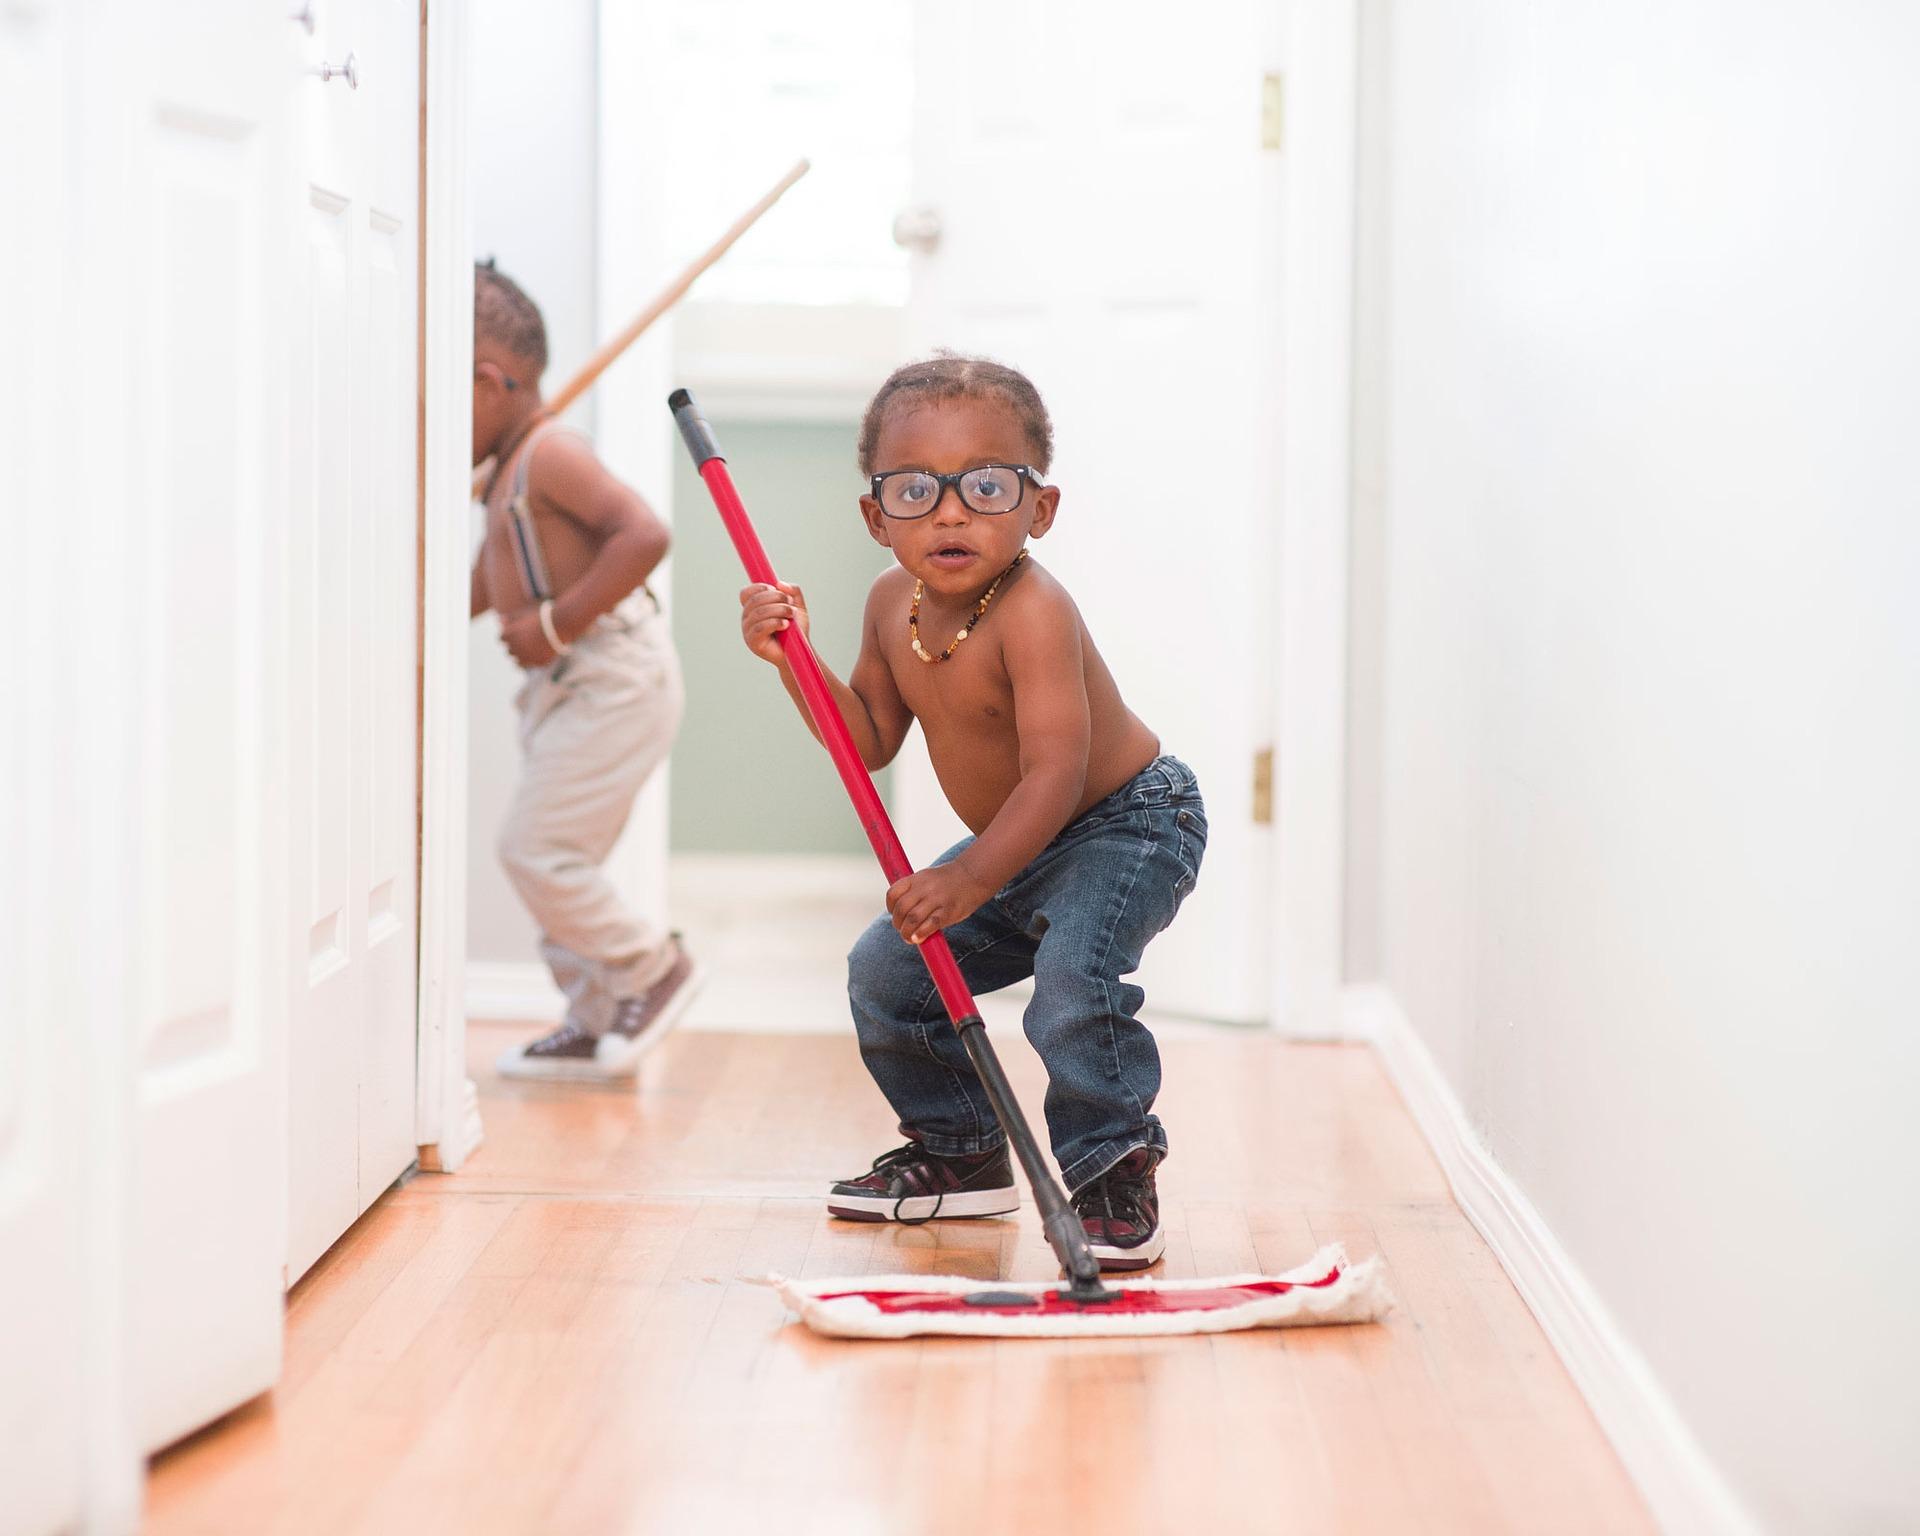 Прості обов'язки, яким важливо навчити дитини 7-9 років